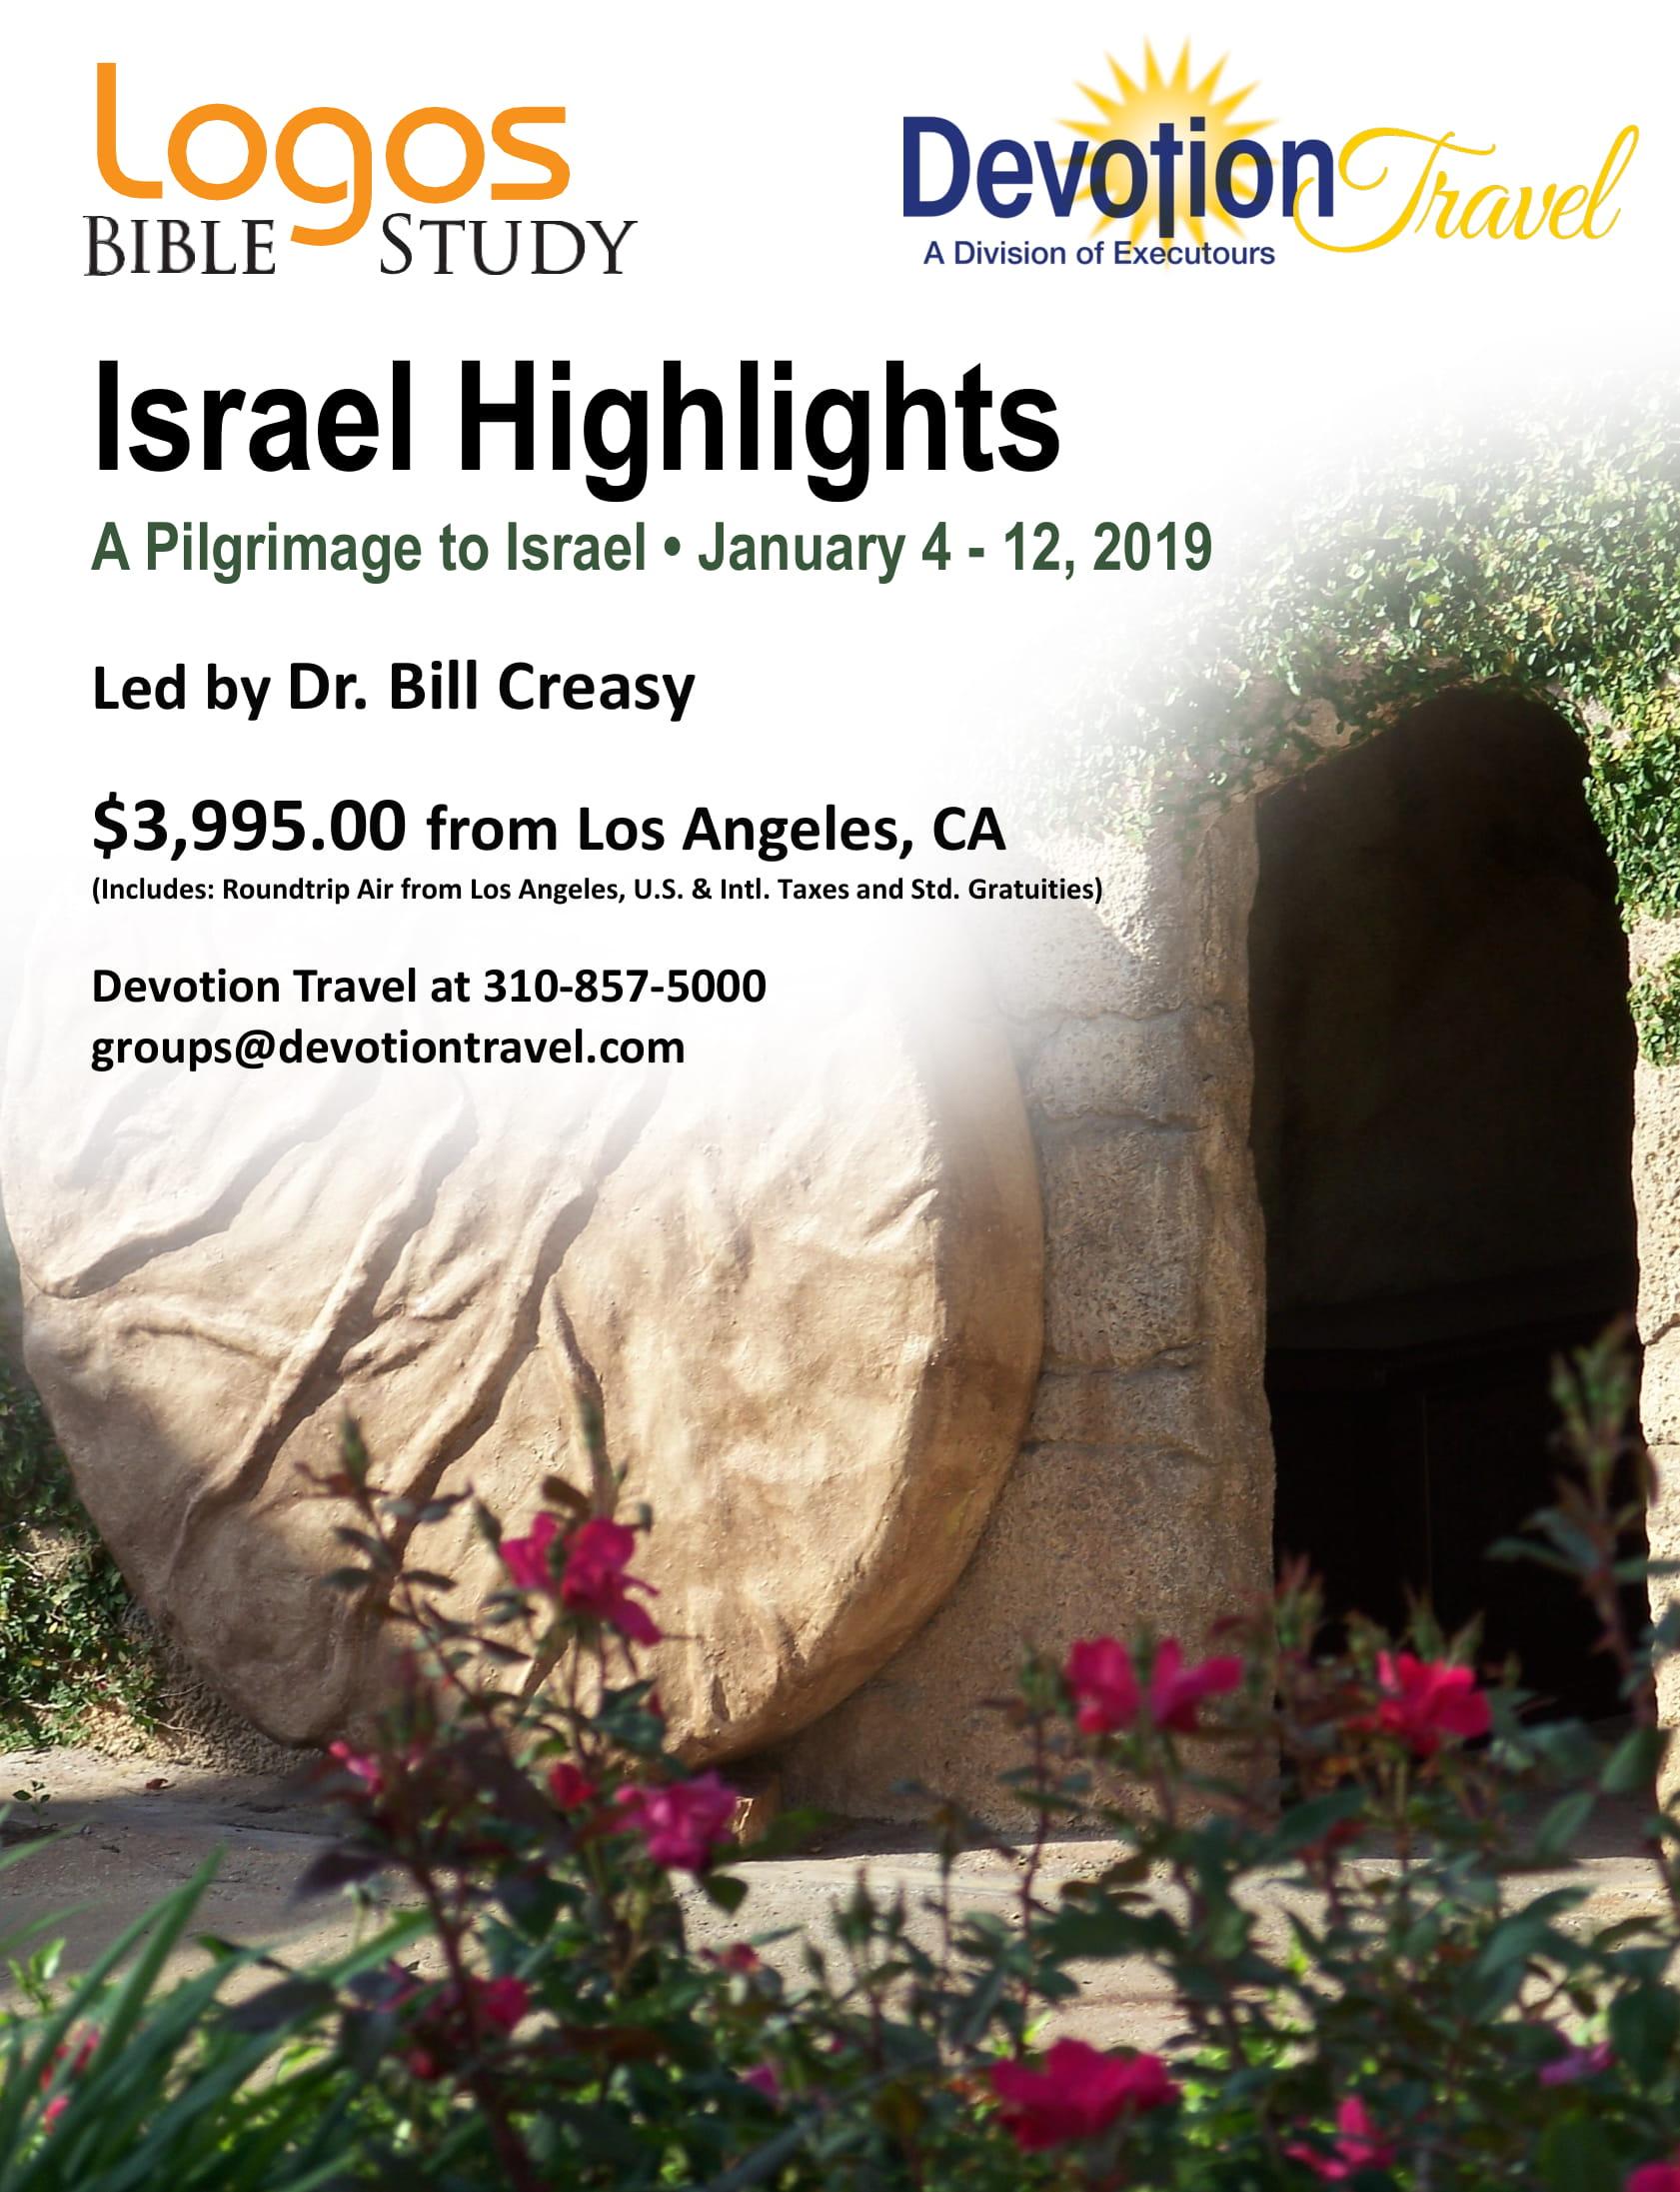 Logos_2019_IsraelHighlights_ebrochure-1.jpg